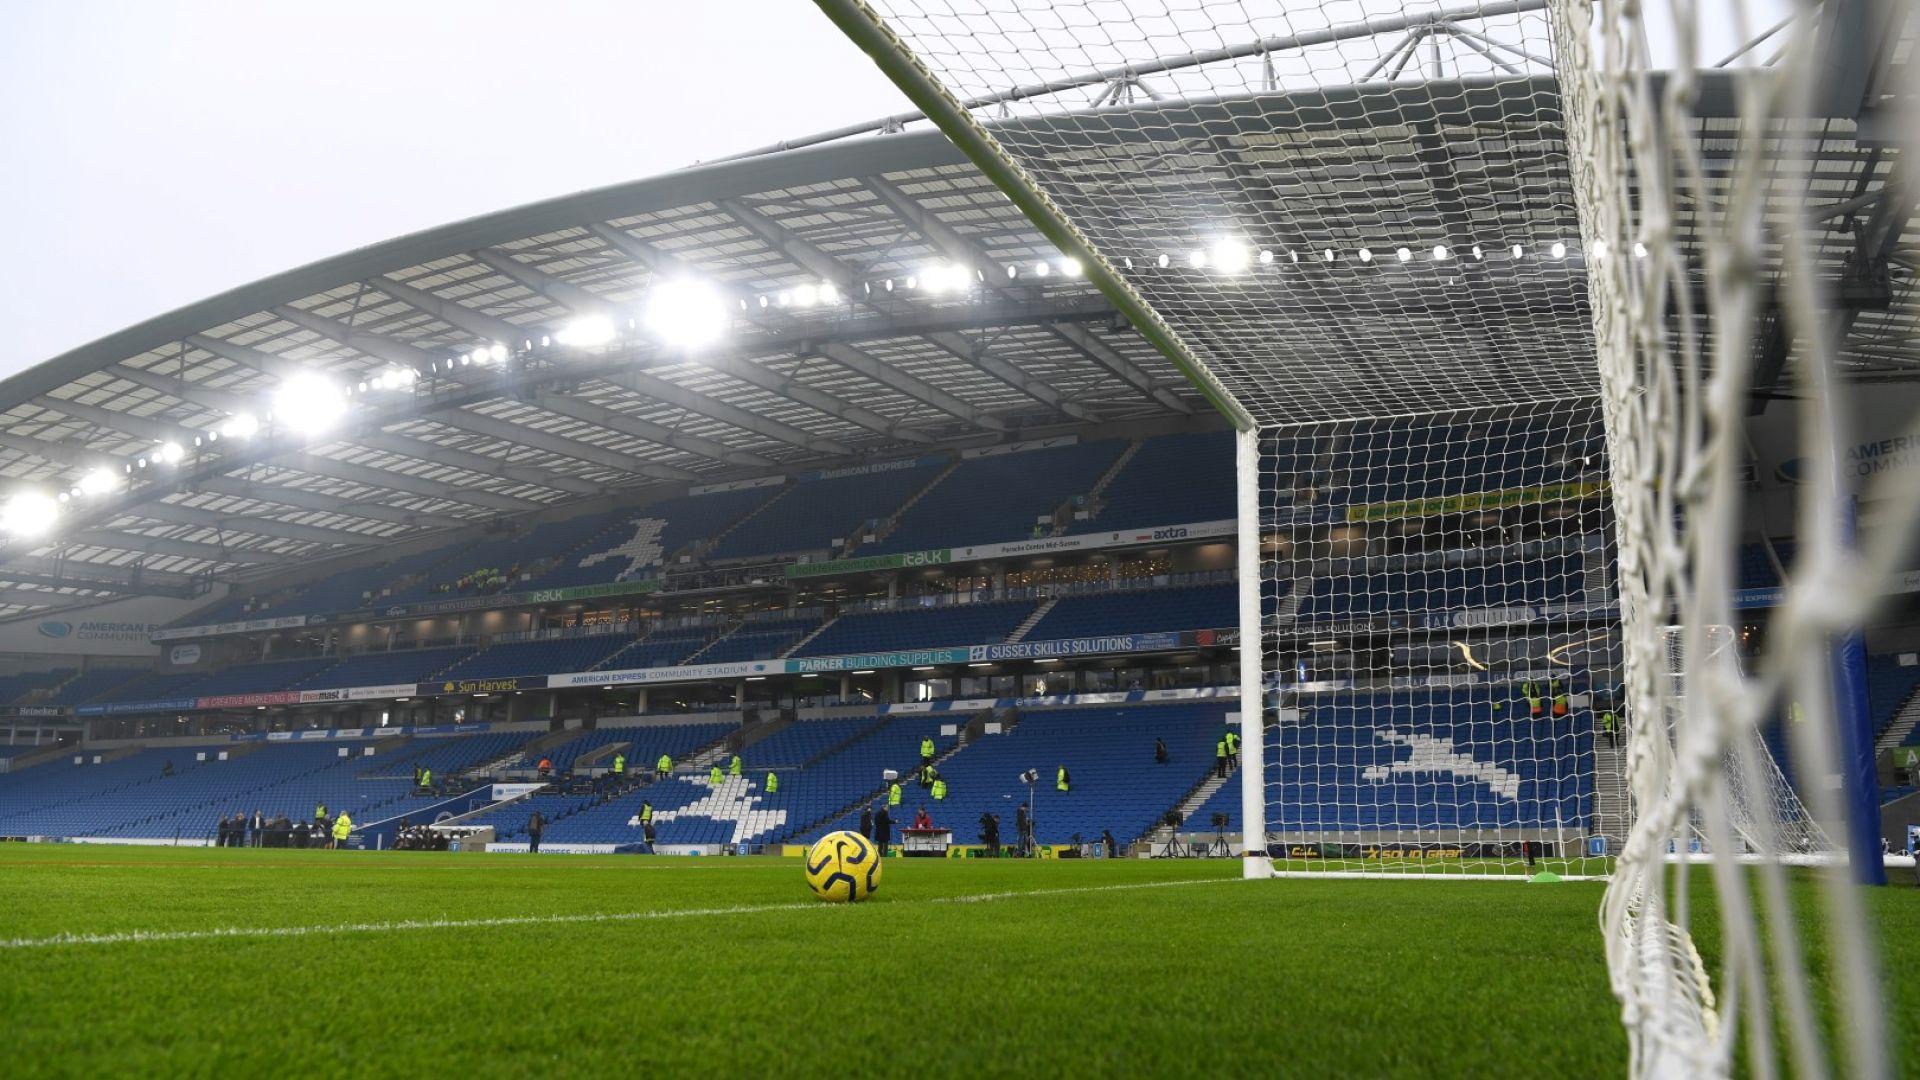 Трети положителен тест за COVID-19 на играч в клуб от Премиър лийг